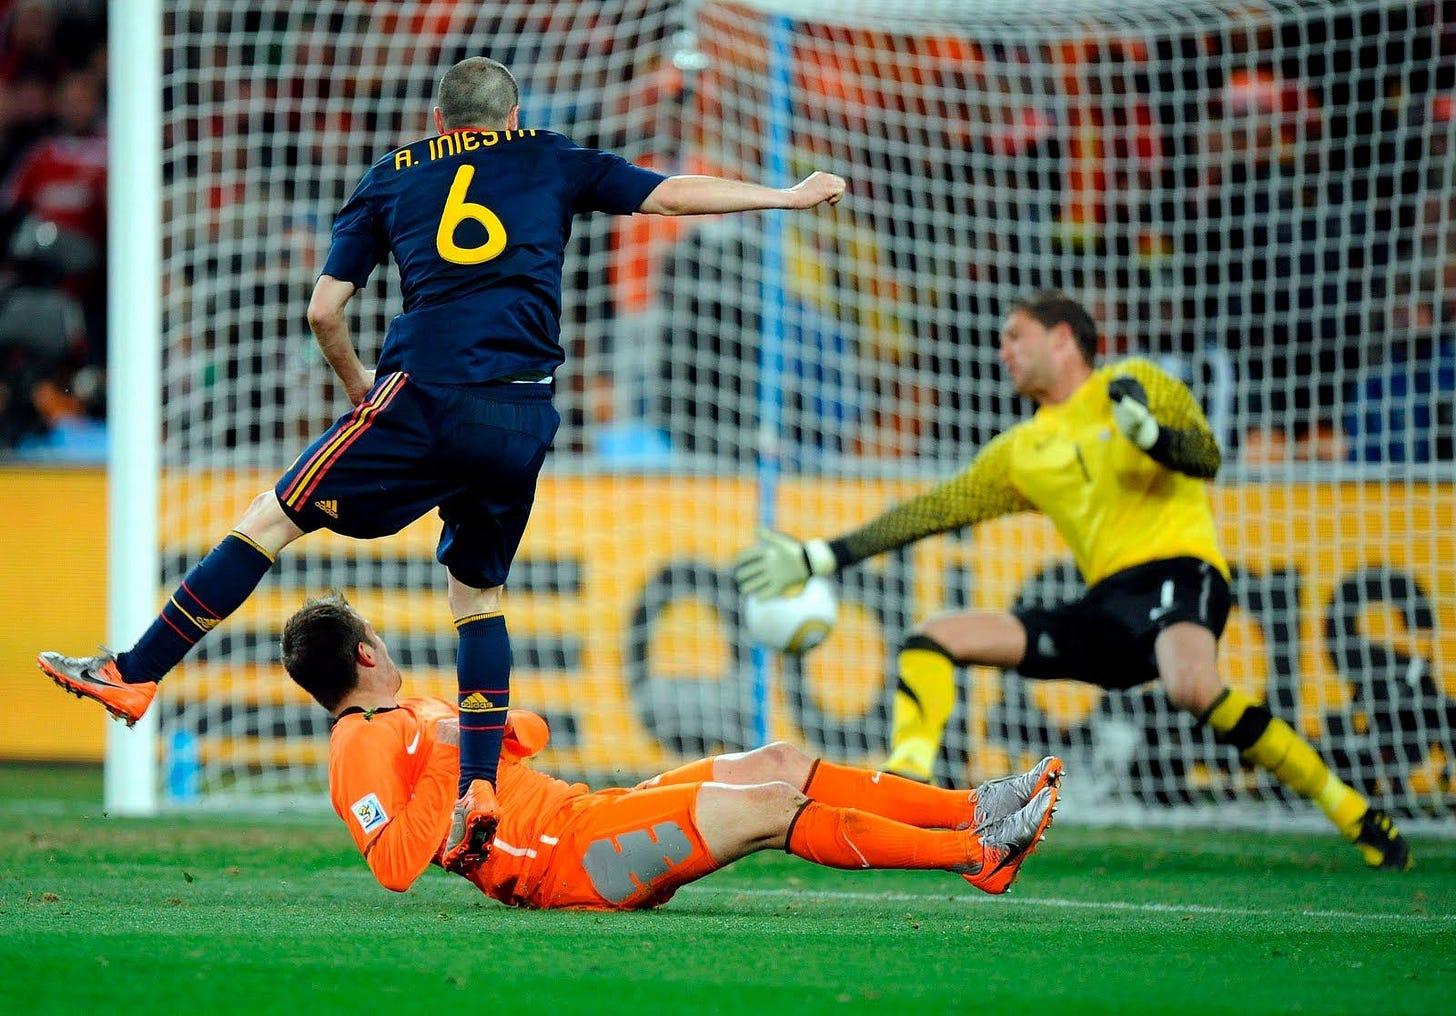 Gol de Iniesta en el Mundial. #España #Fútbol #Iniesta | Fotos de fútbol,  Gol de iniesta, España futbol